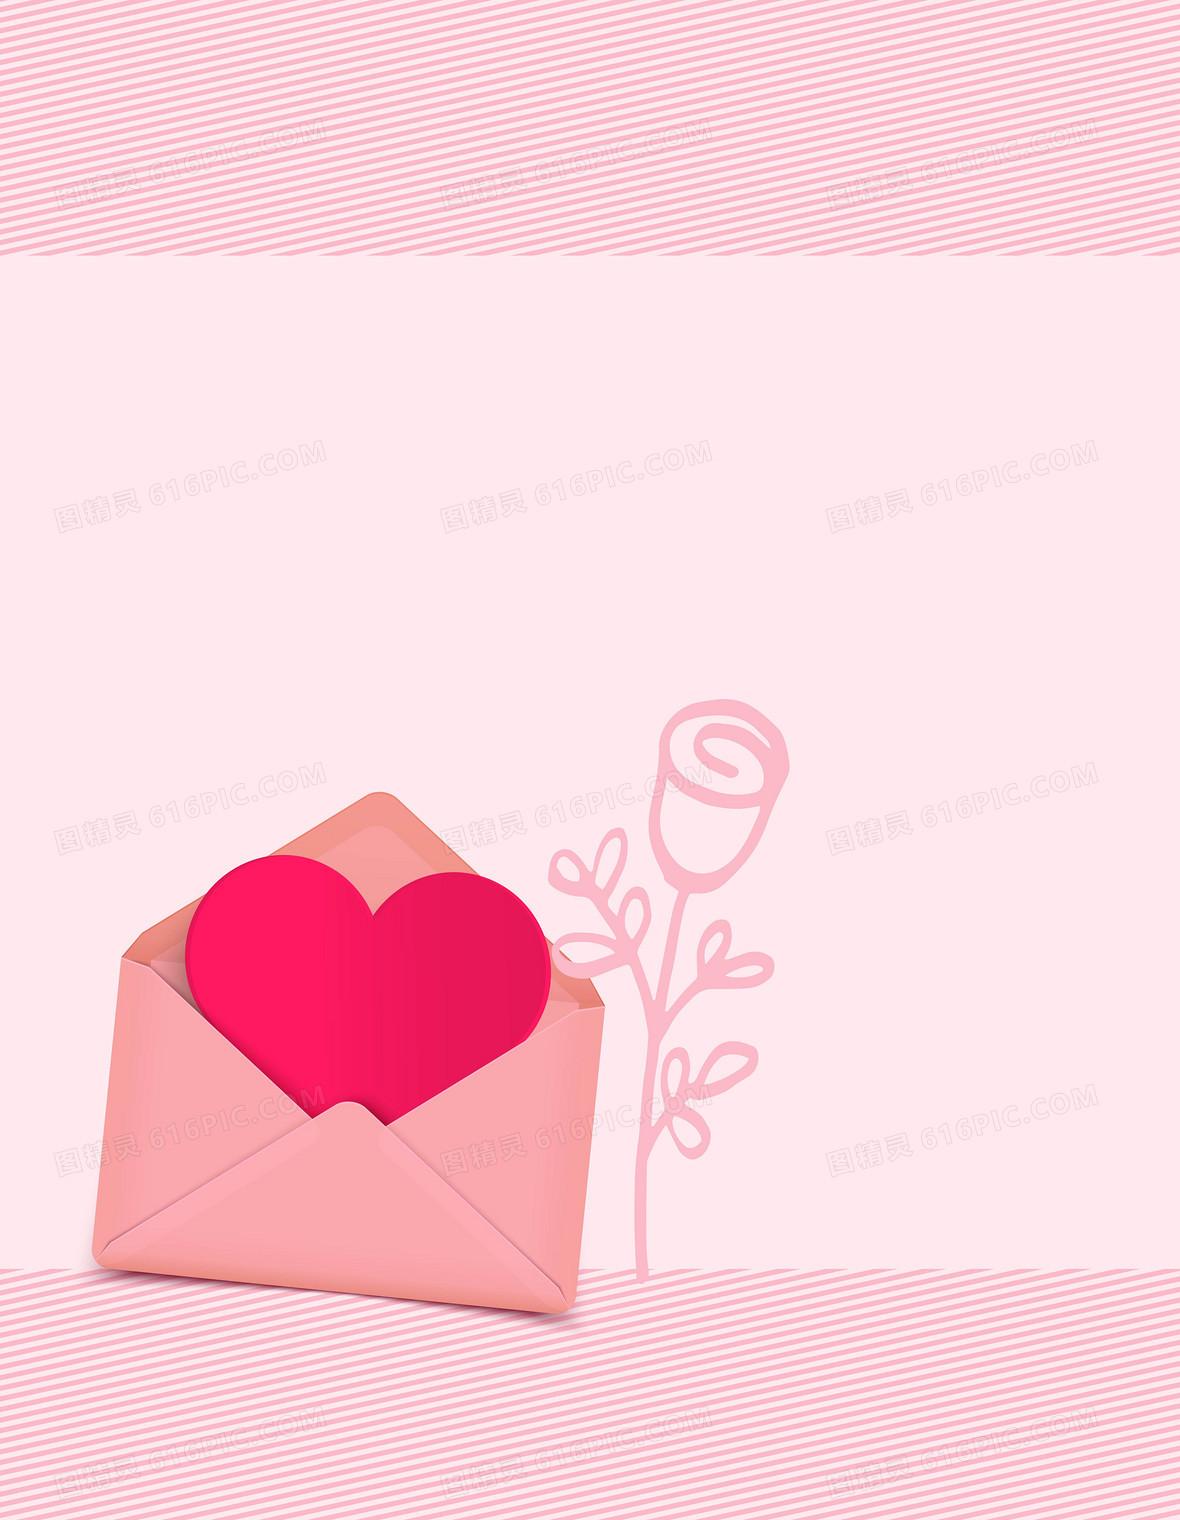 粉色手绘玫瑰矢量图banner素材